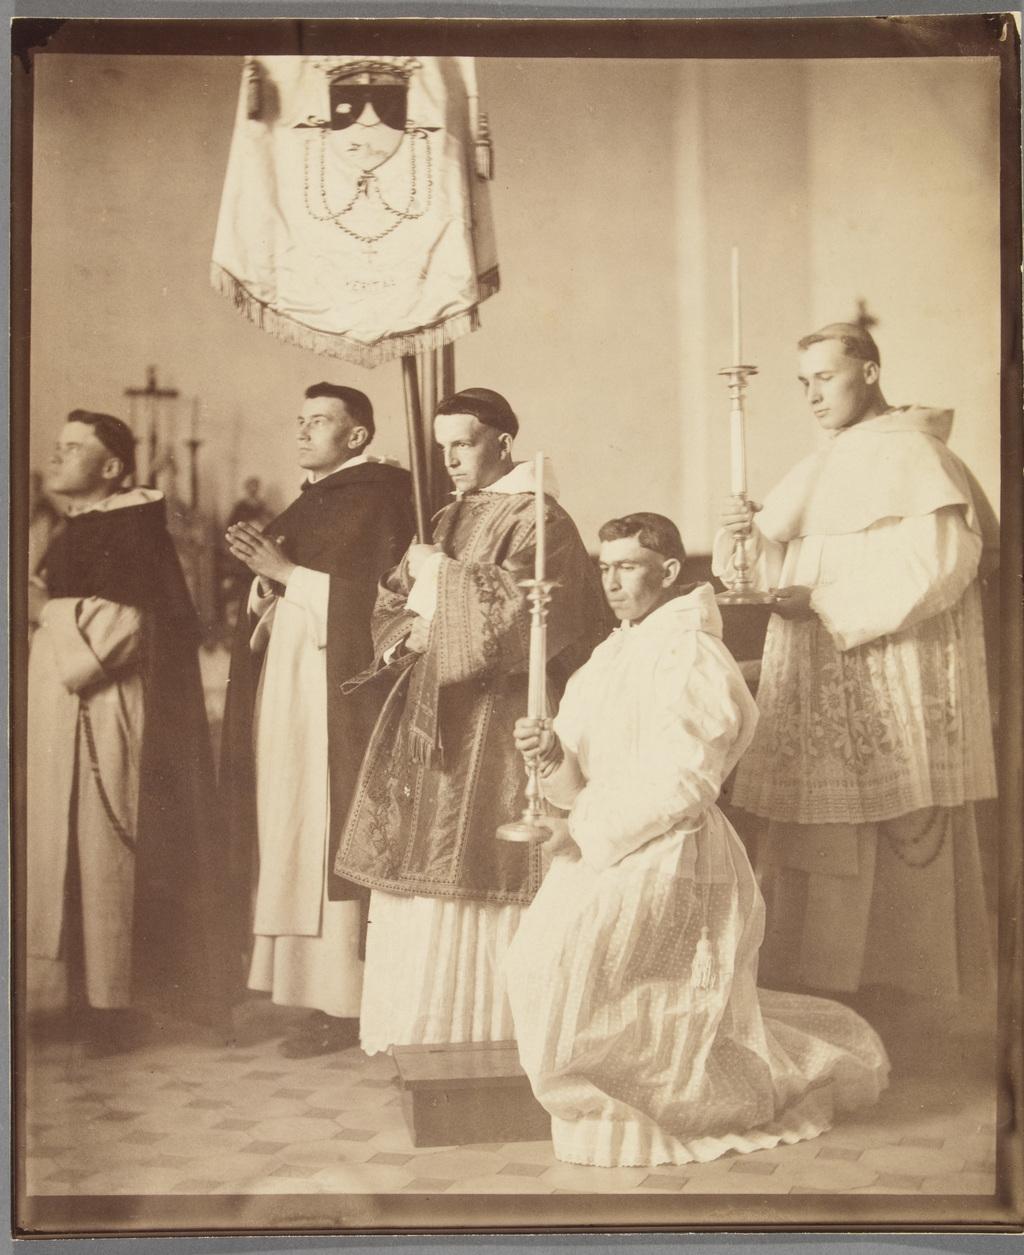 Groupe de Dominicains prenant la pose. Mise en scène de Napoléon Bourassa pour le décor de la cathédrale de Saint-Hyacinthe